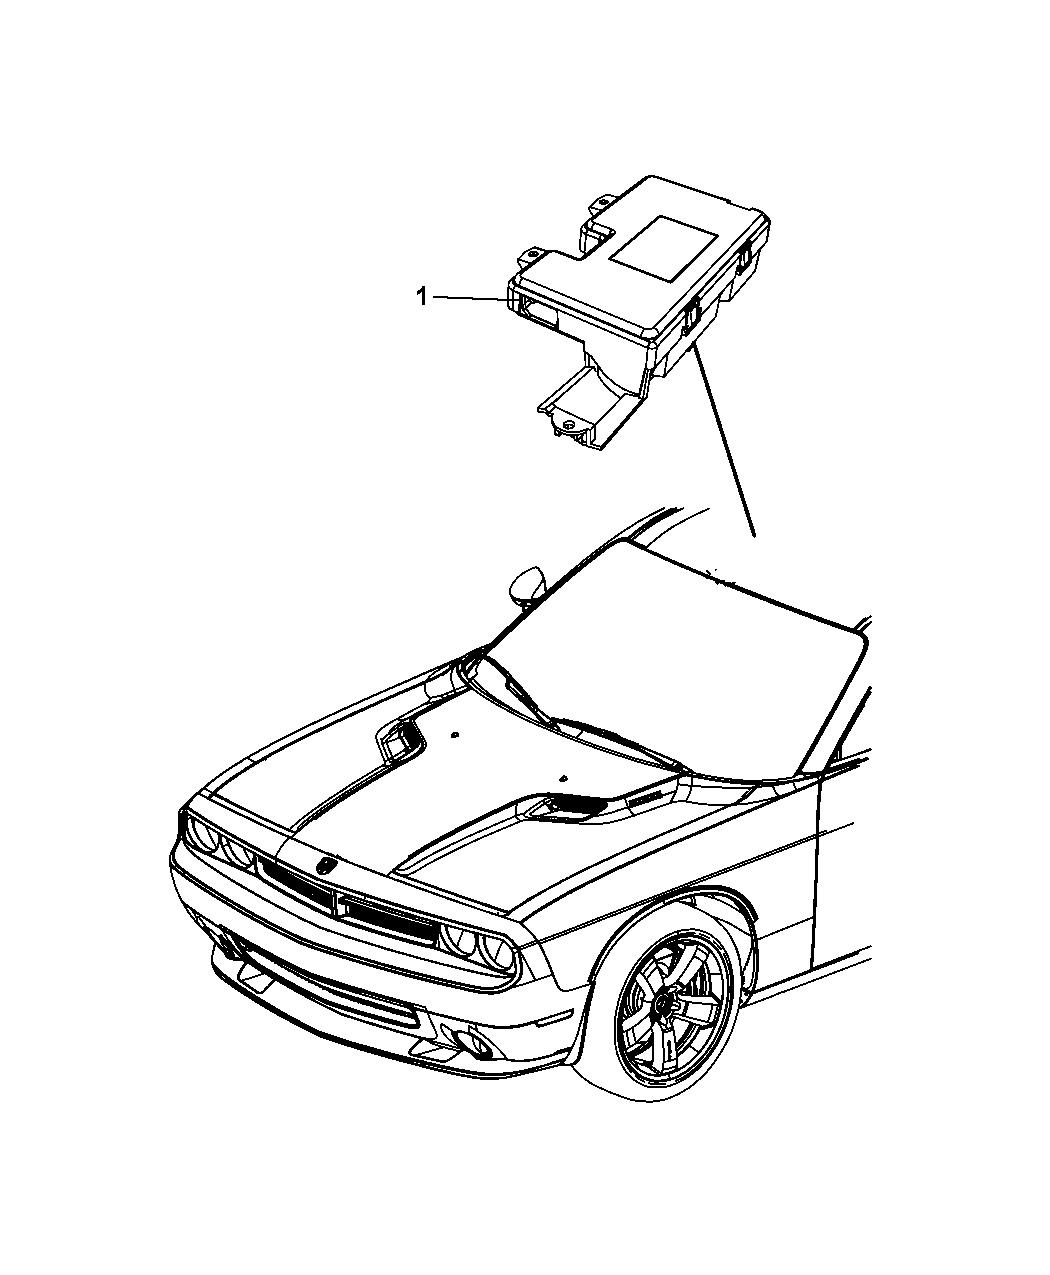 2010 Dodge Challenger Modules Overhead - Mopar Parts Giant